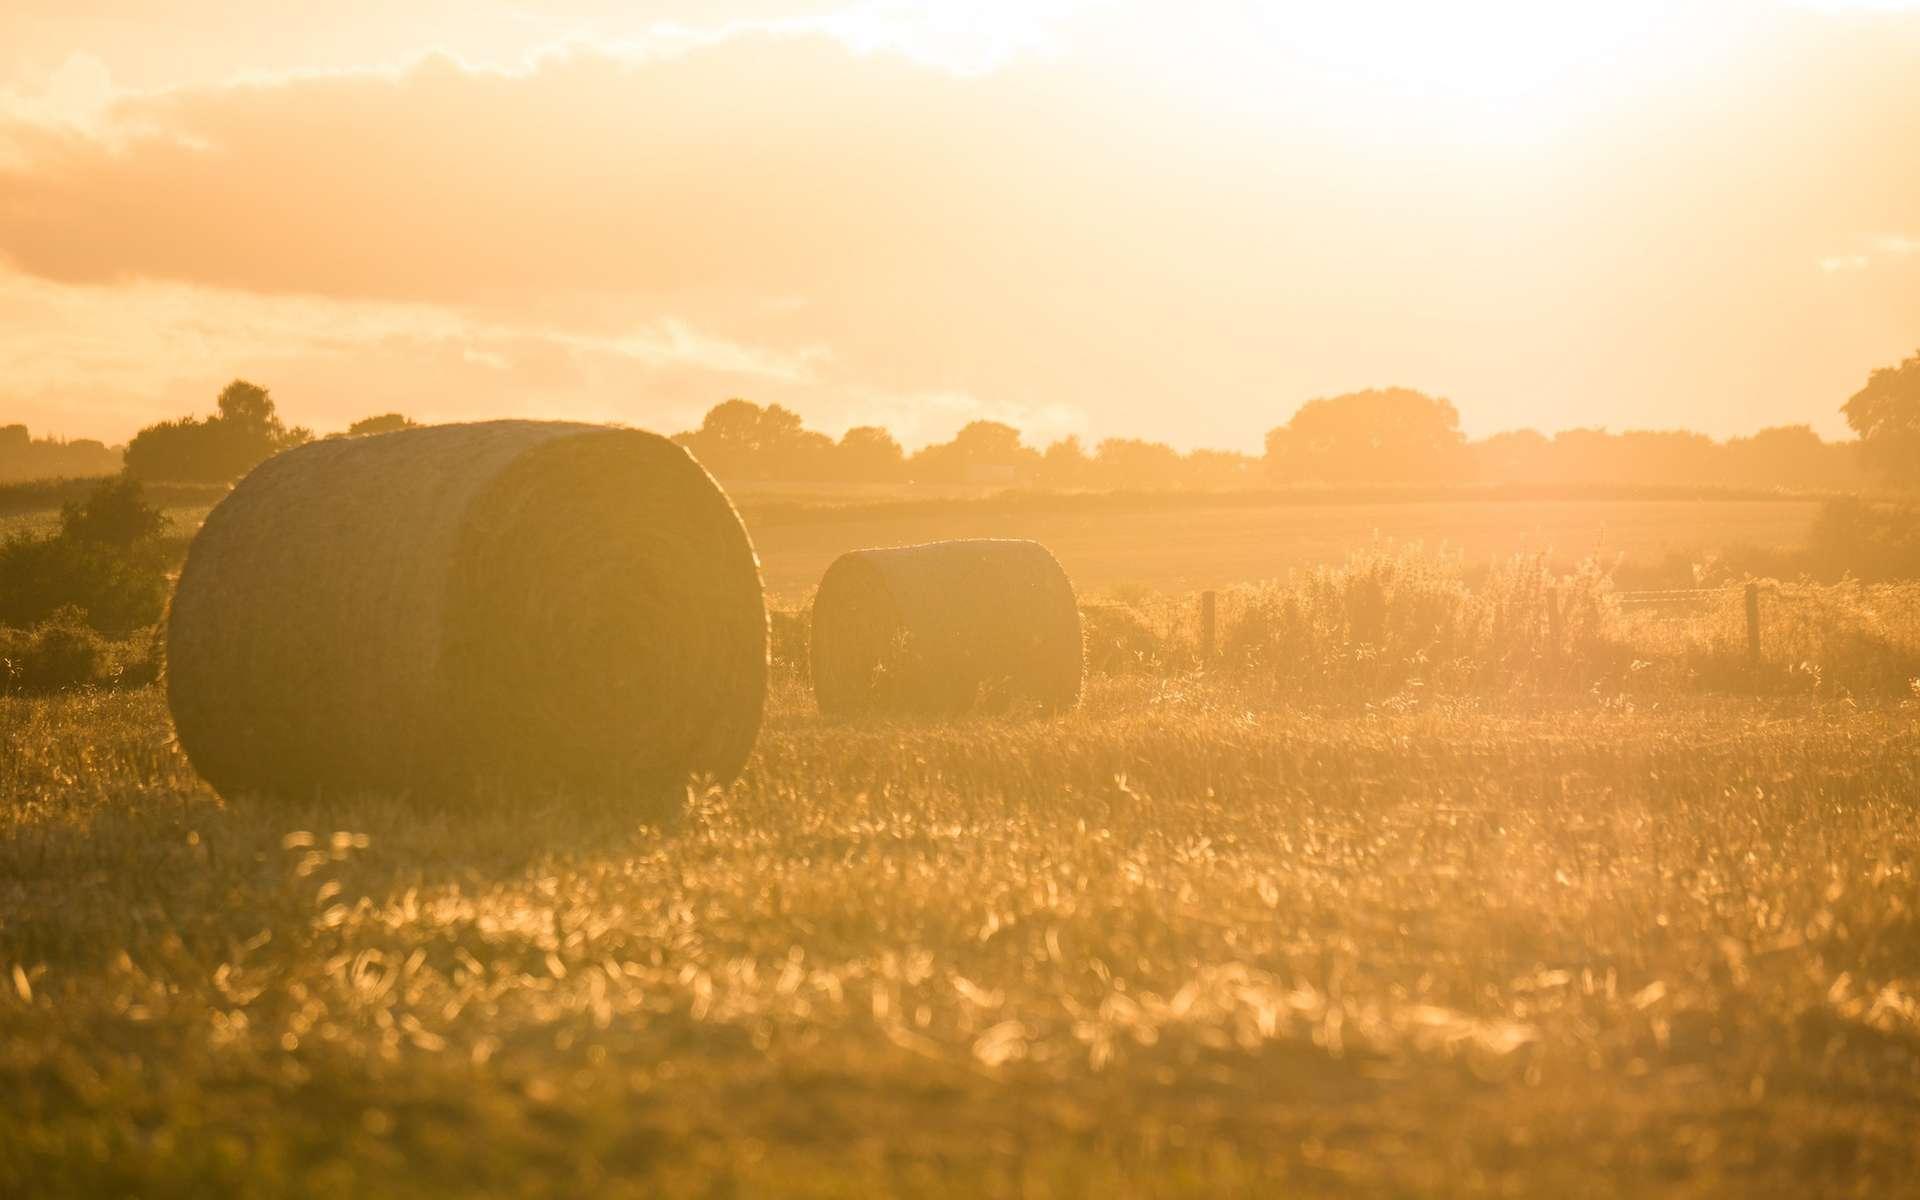 Limiter le rayonnement solaire a un effet bénéfique sur les cultures. © Stephen Radford, Unsplash